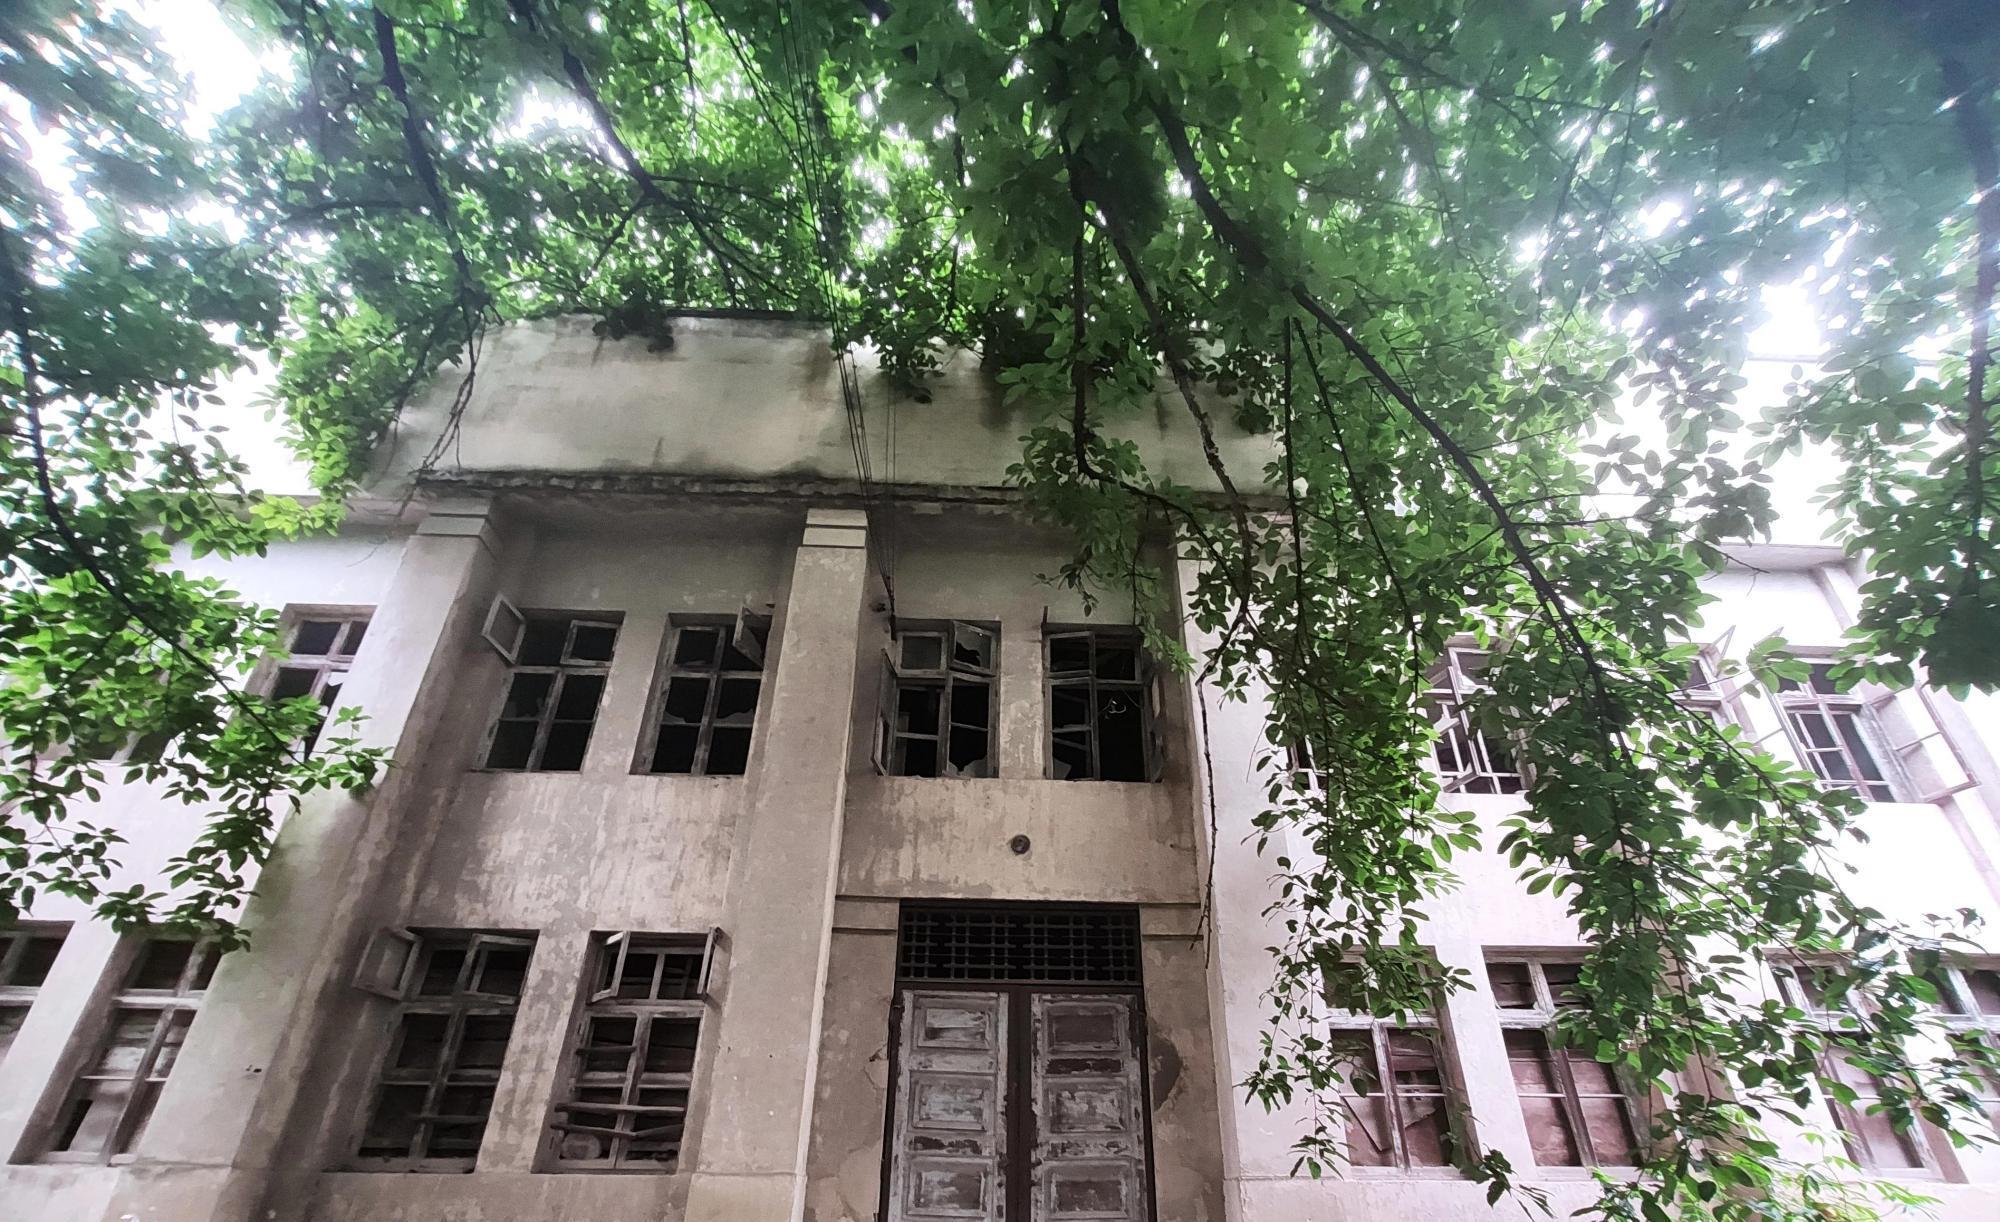 重庆大学城高校遗址,昔日辉煌功勋卓越,如今破败令人费解 大学城 重庆大学城 大学 每日推荐  第5张